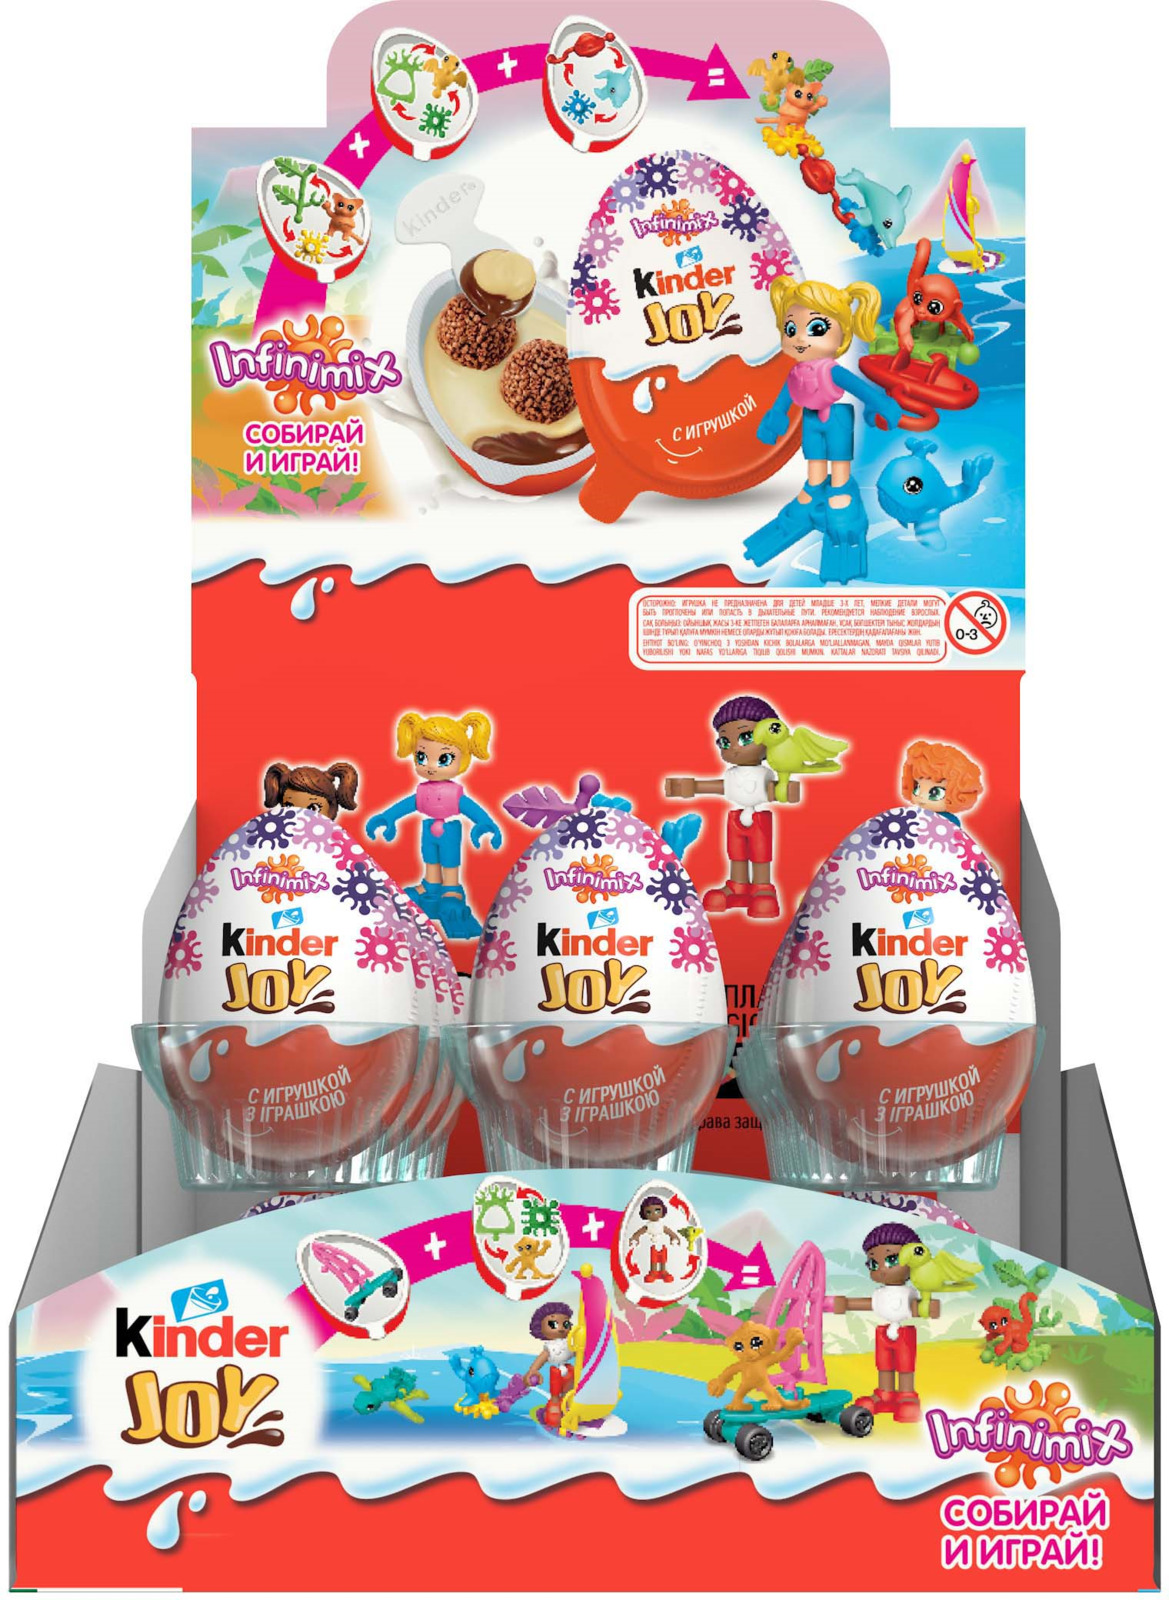 Шоколадное яйцо Kinder Joy Инфинимикс, для девочек, c игрушкой внутри, 24 шт по 21 г шоколадное яйцо kinder joy принцессы 20 г